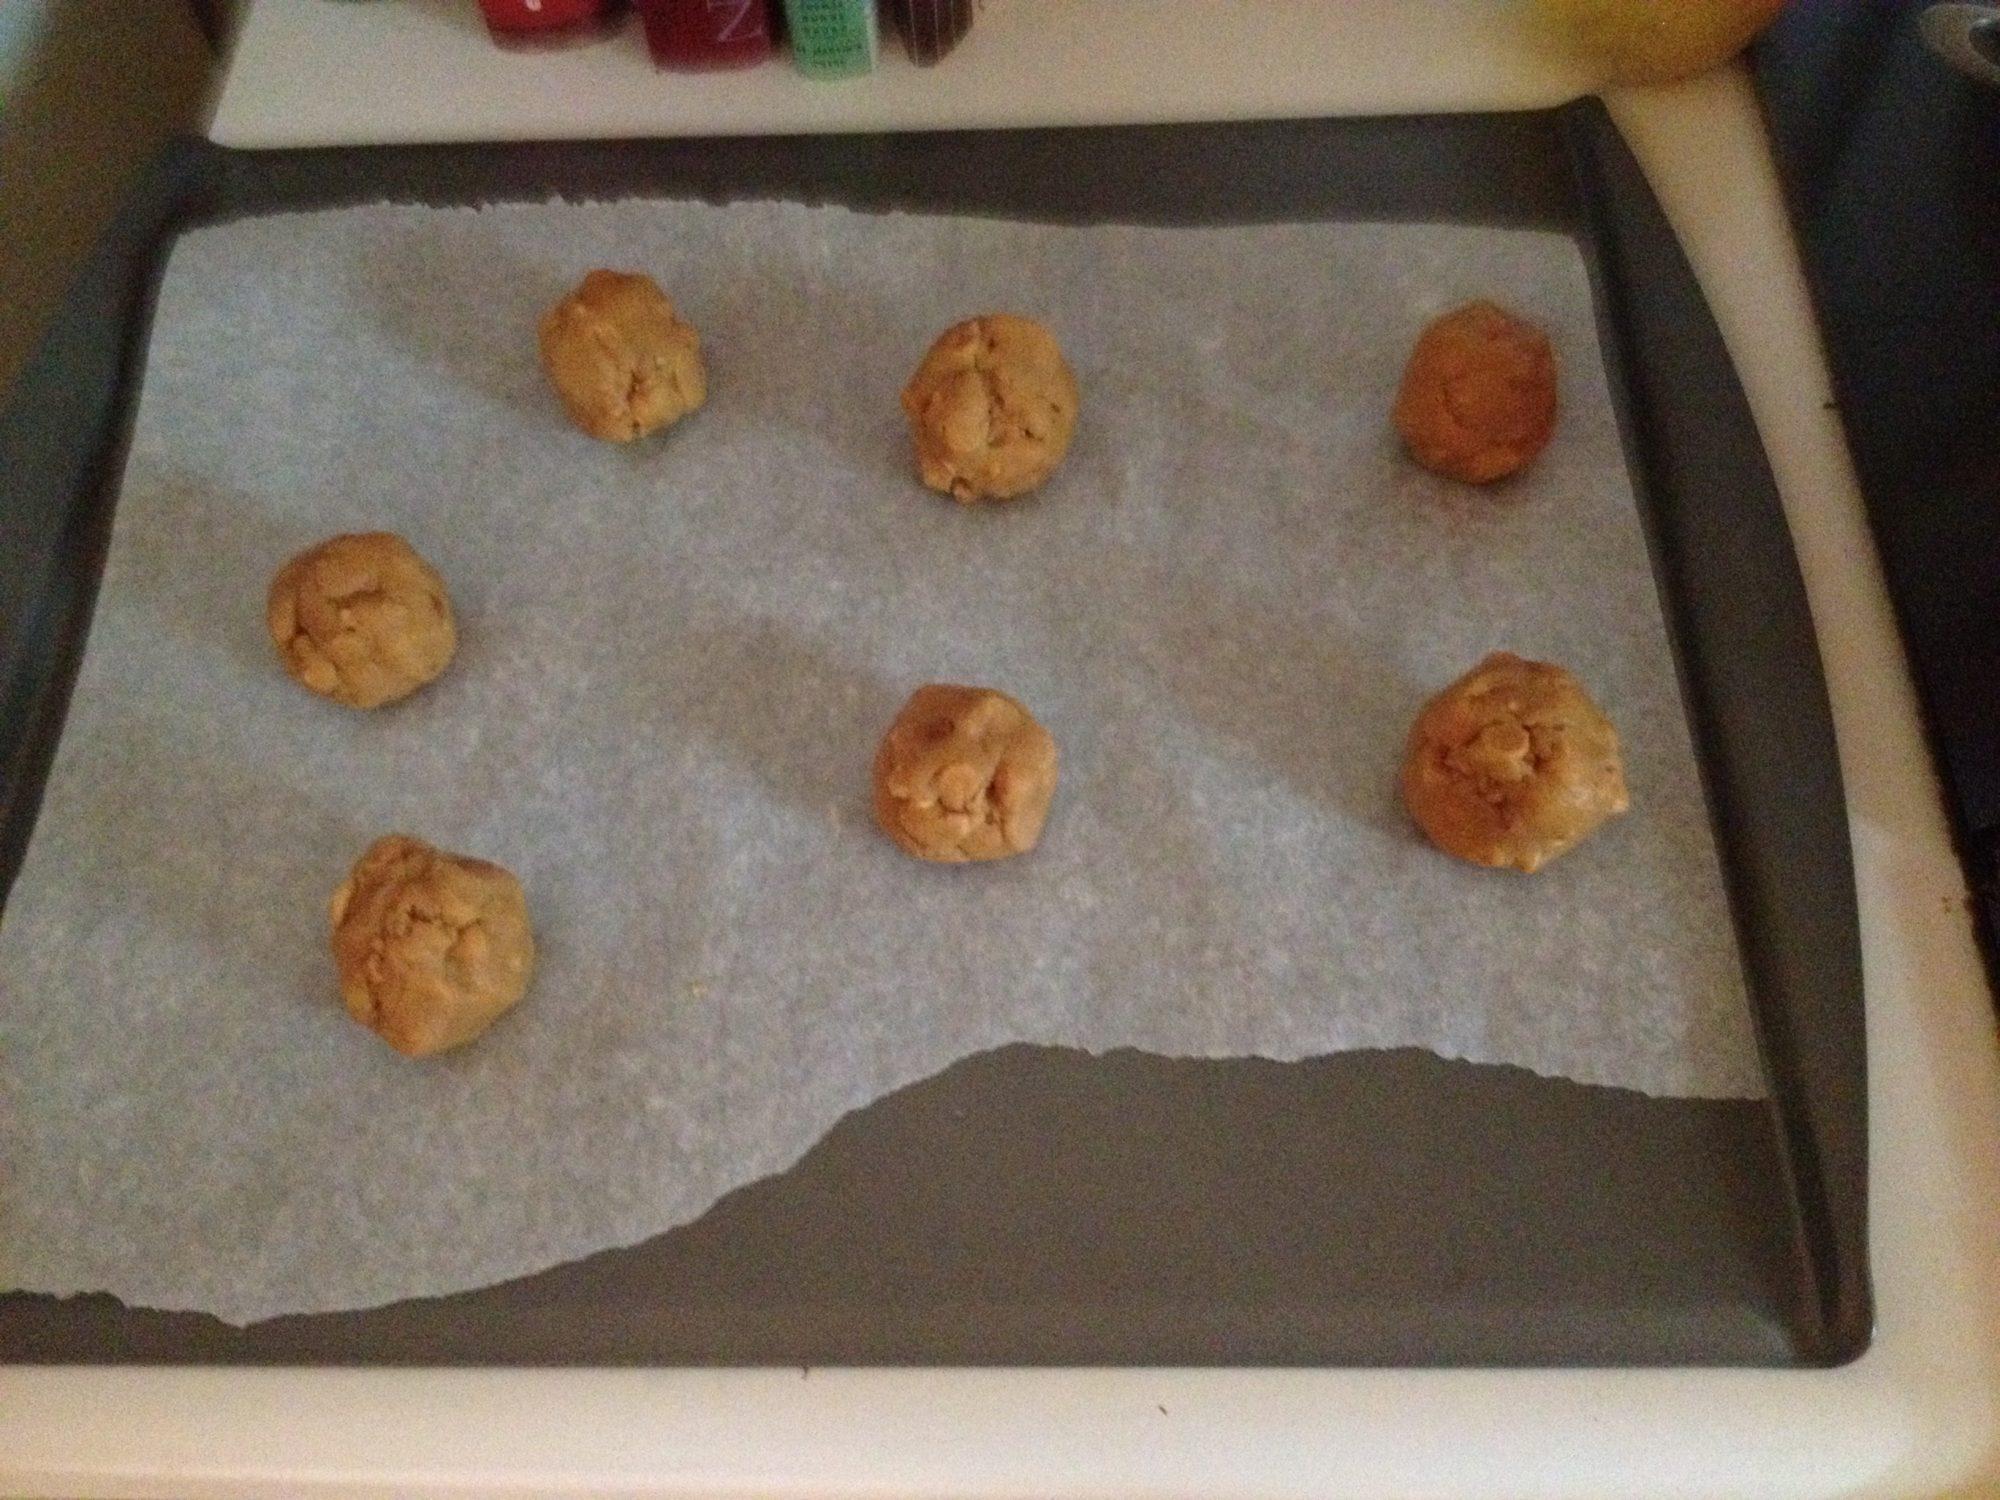 cookie-dough-on-baking-sheet.jpg